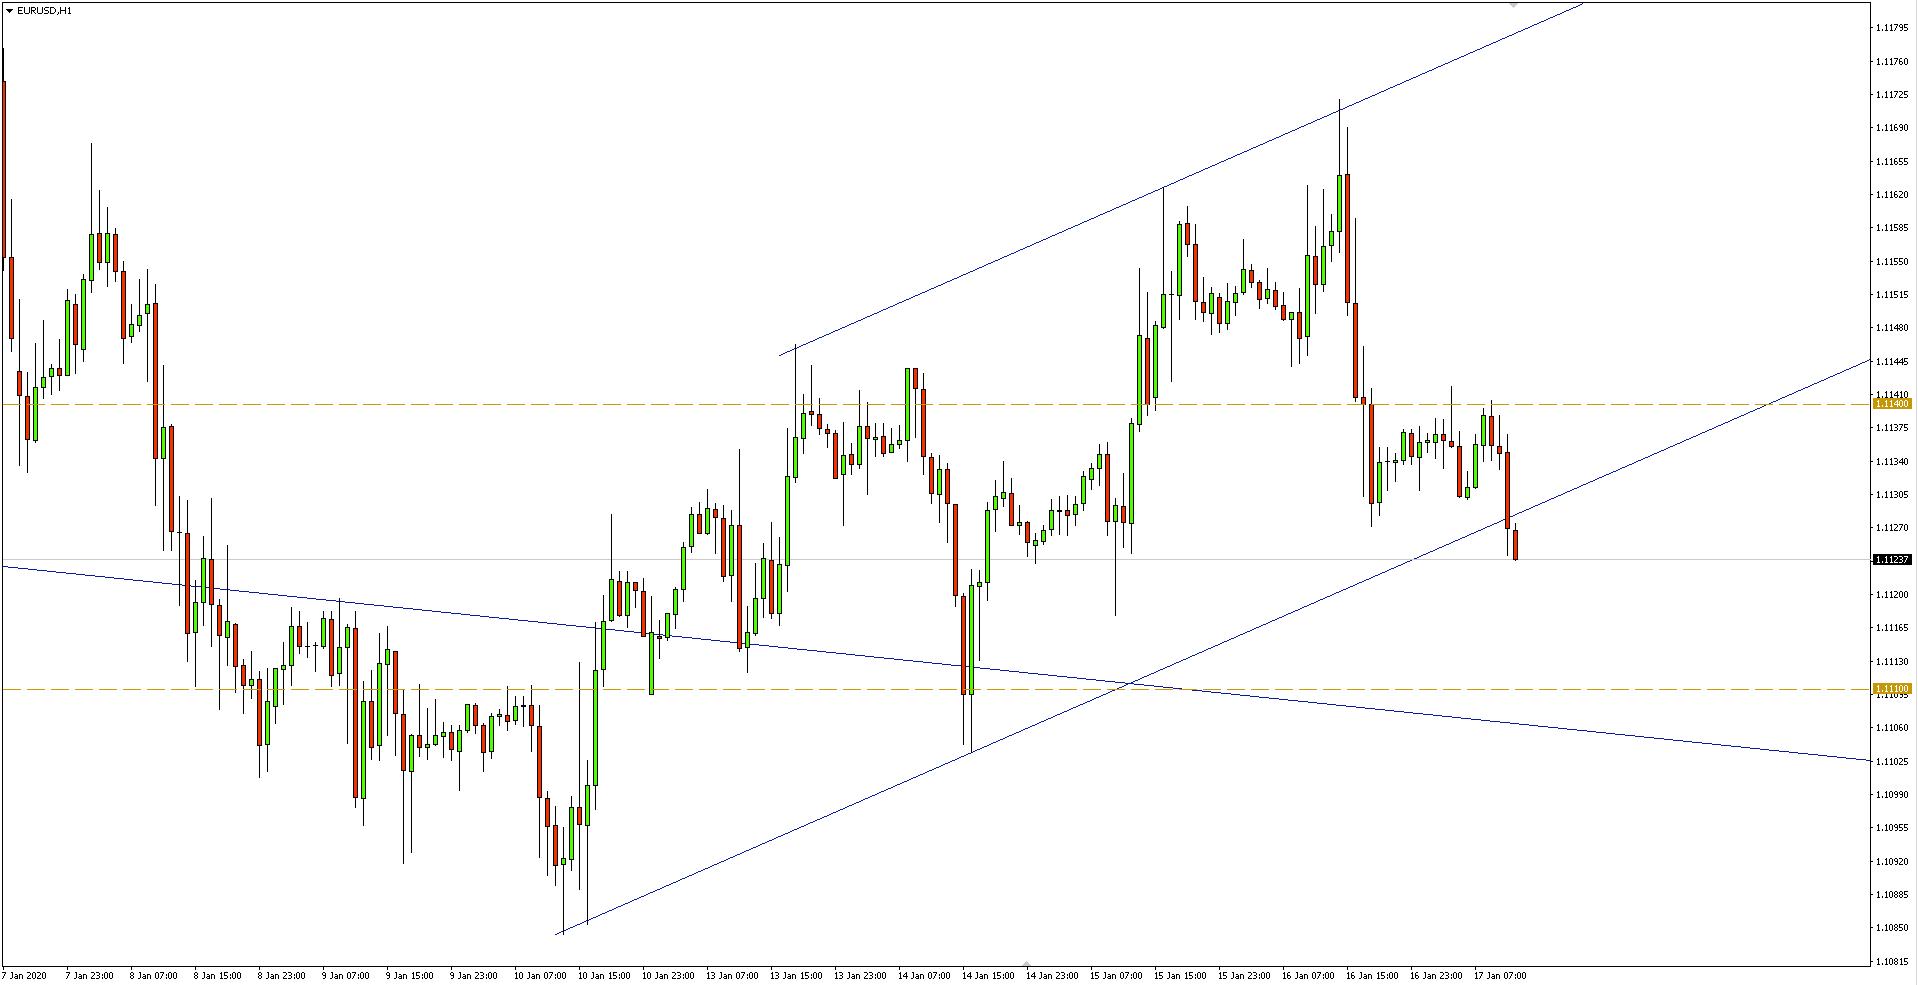 Wykres 1-godzinny pary walutowej EURUSD - 17.01.2020 r.